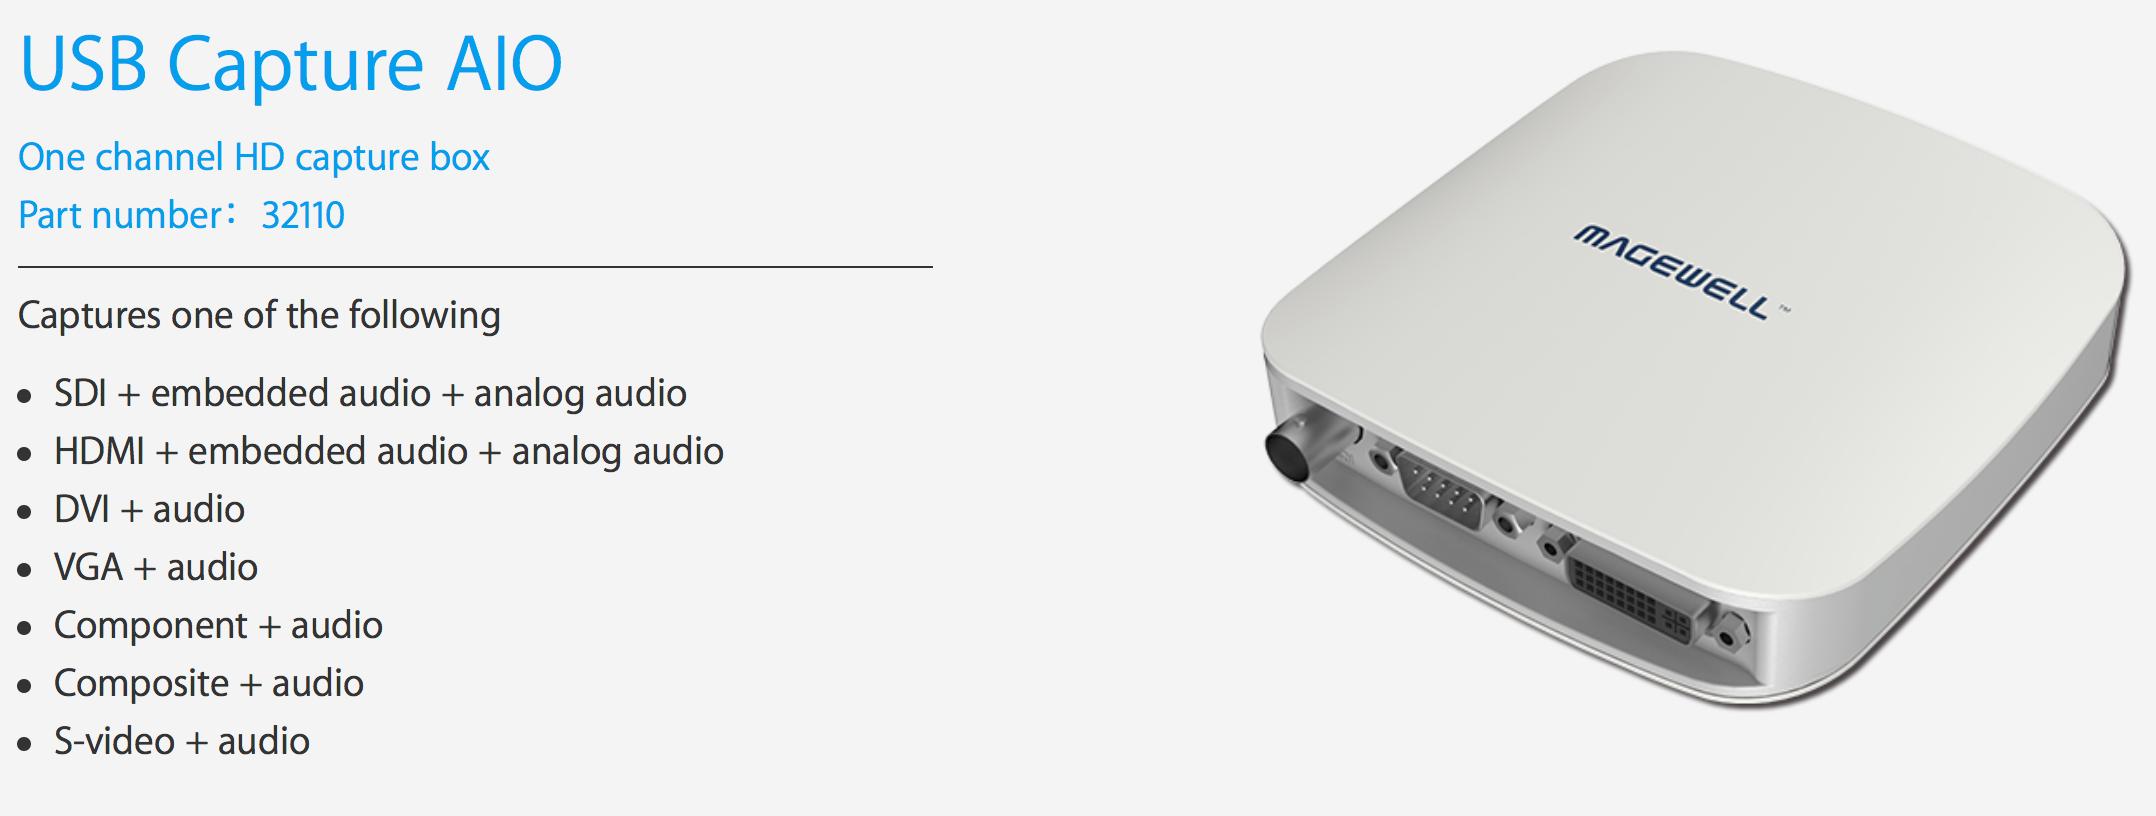 USB-CaptureAIO-ProduktdetailBanner